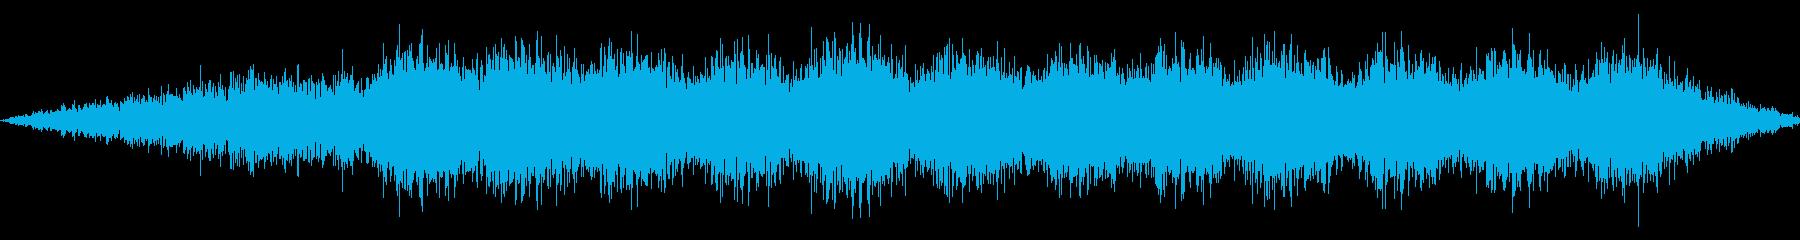 オイオイ!歓声,応援の効果音02の再生済みの波形